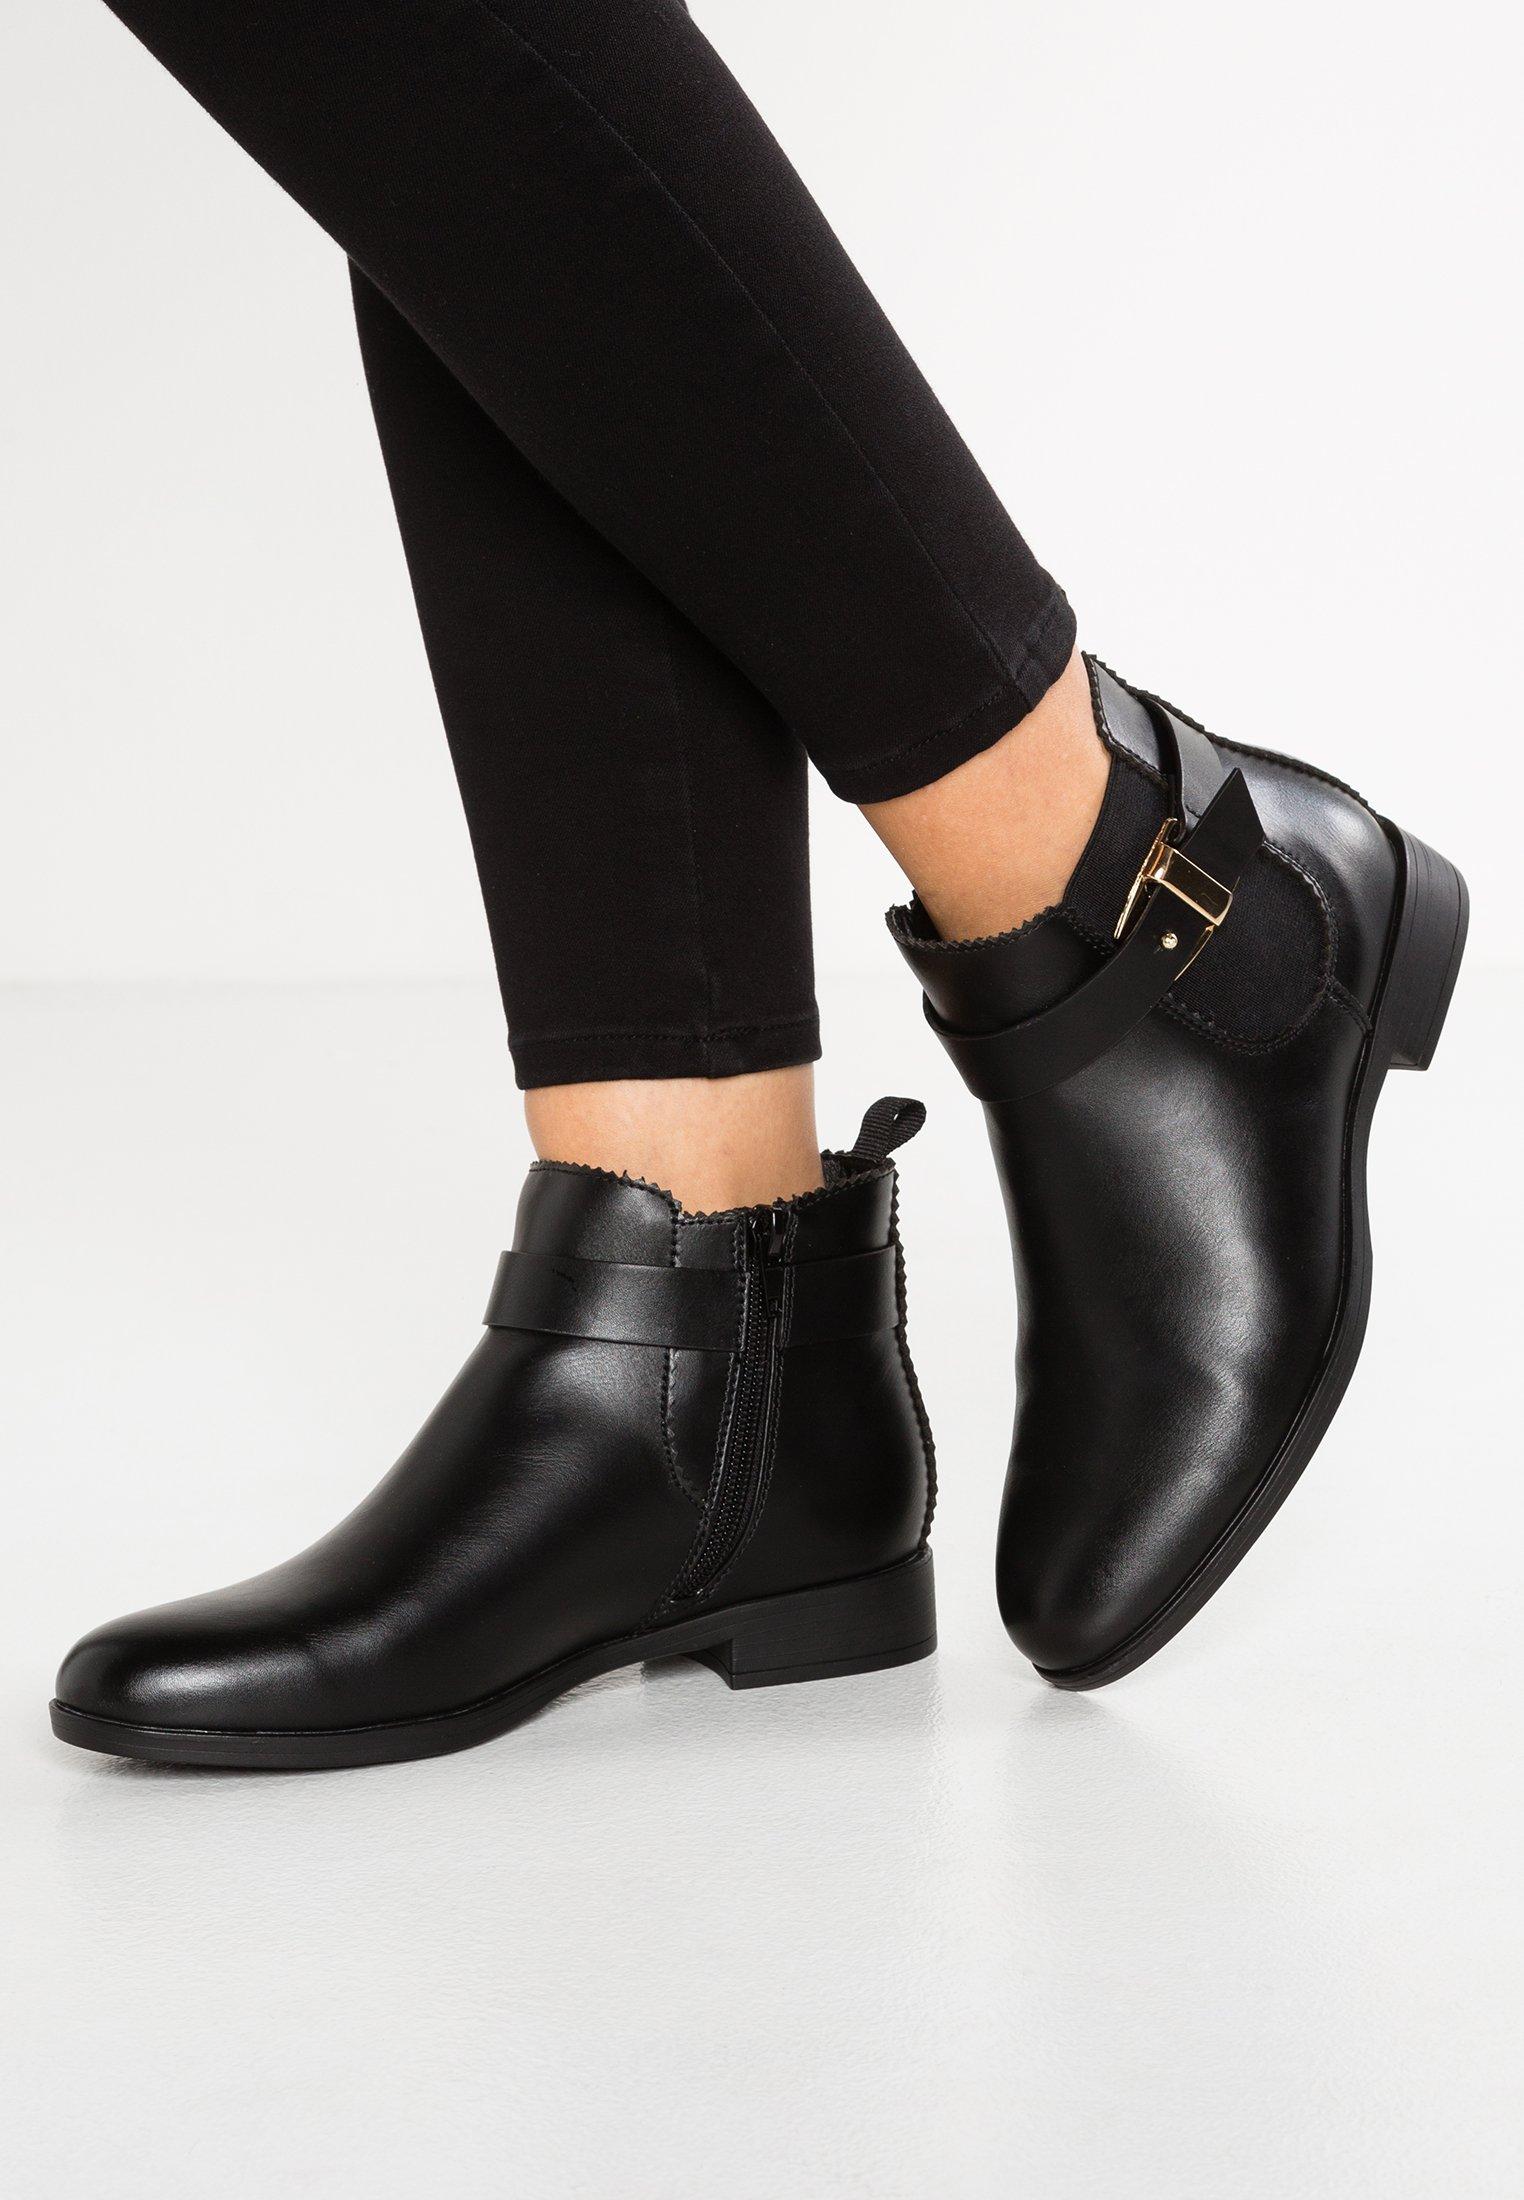 bottine noir femme classique talon plat